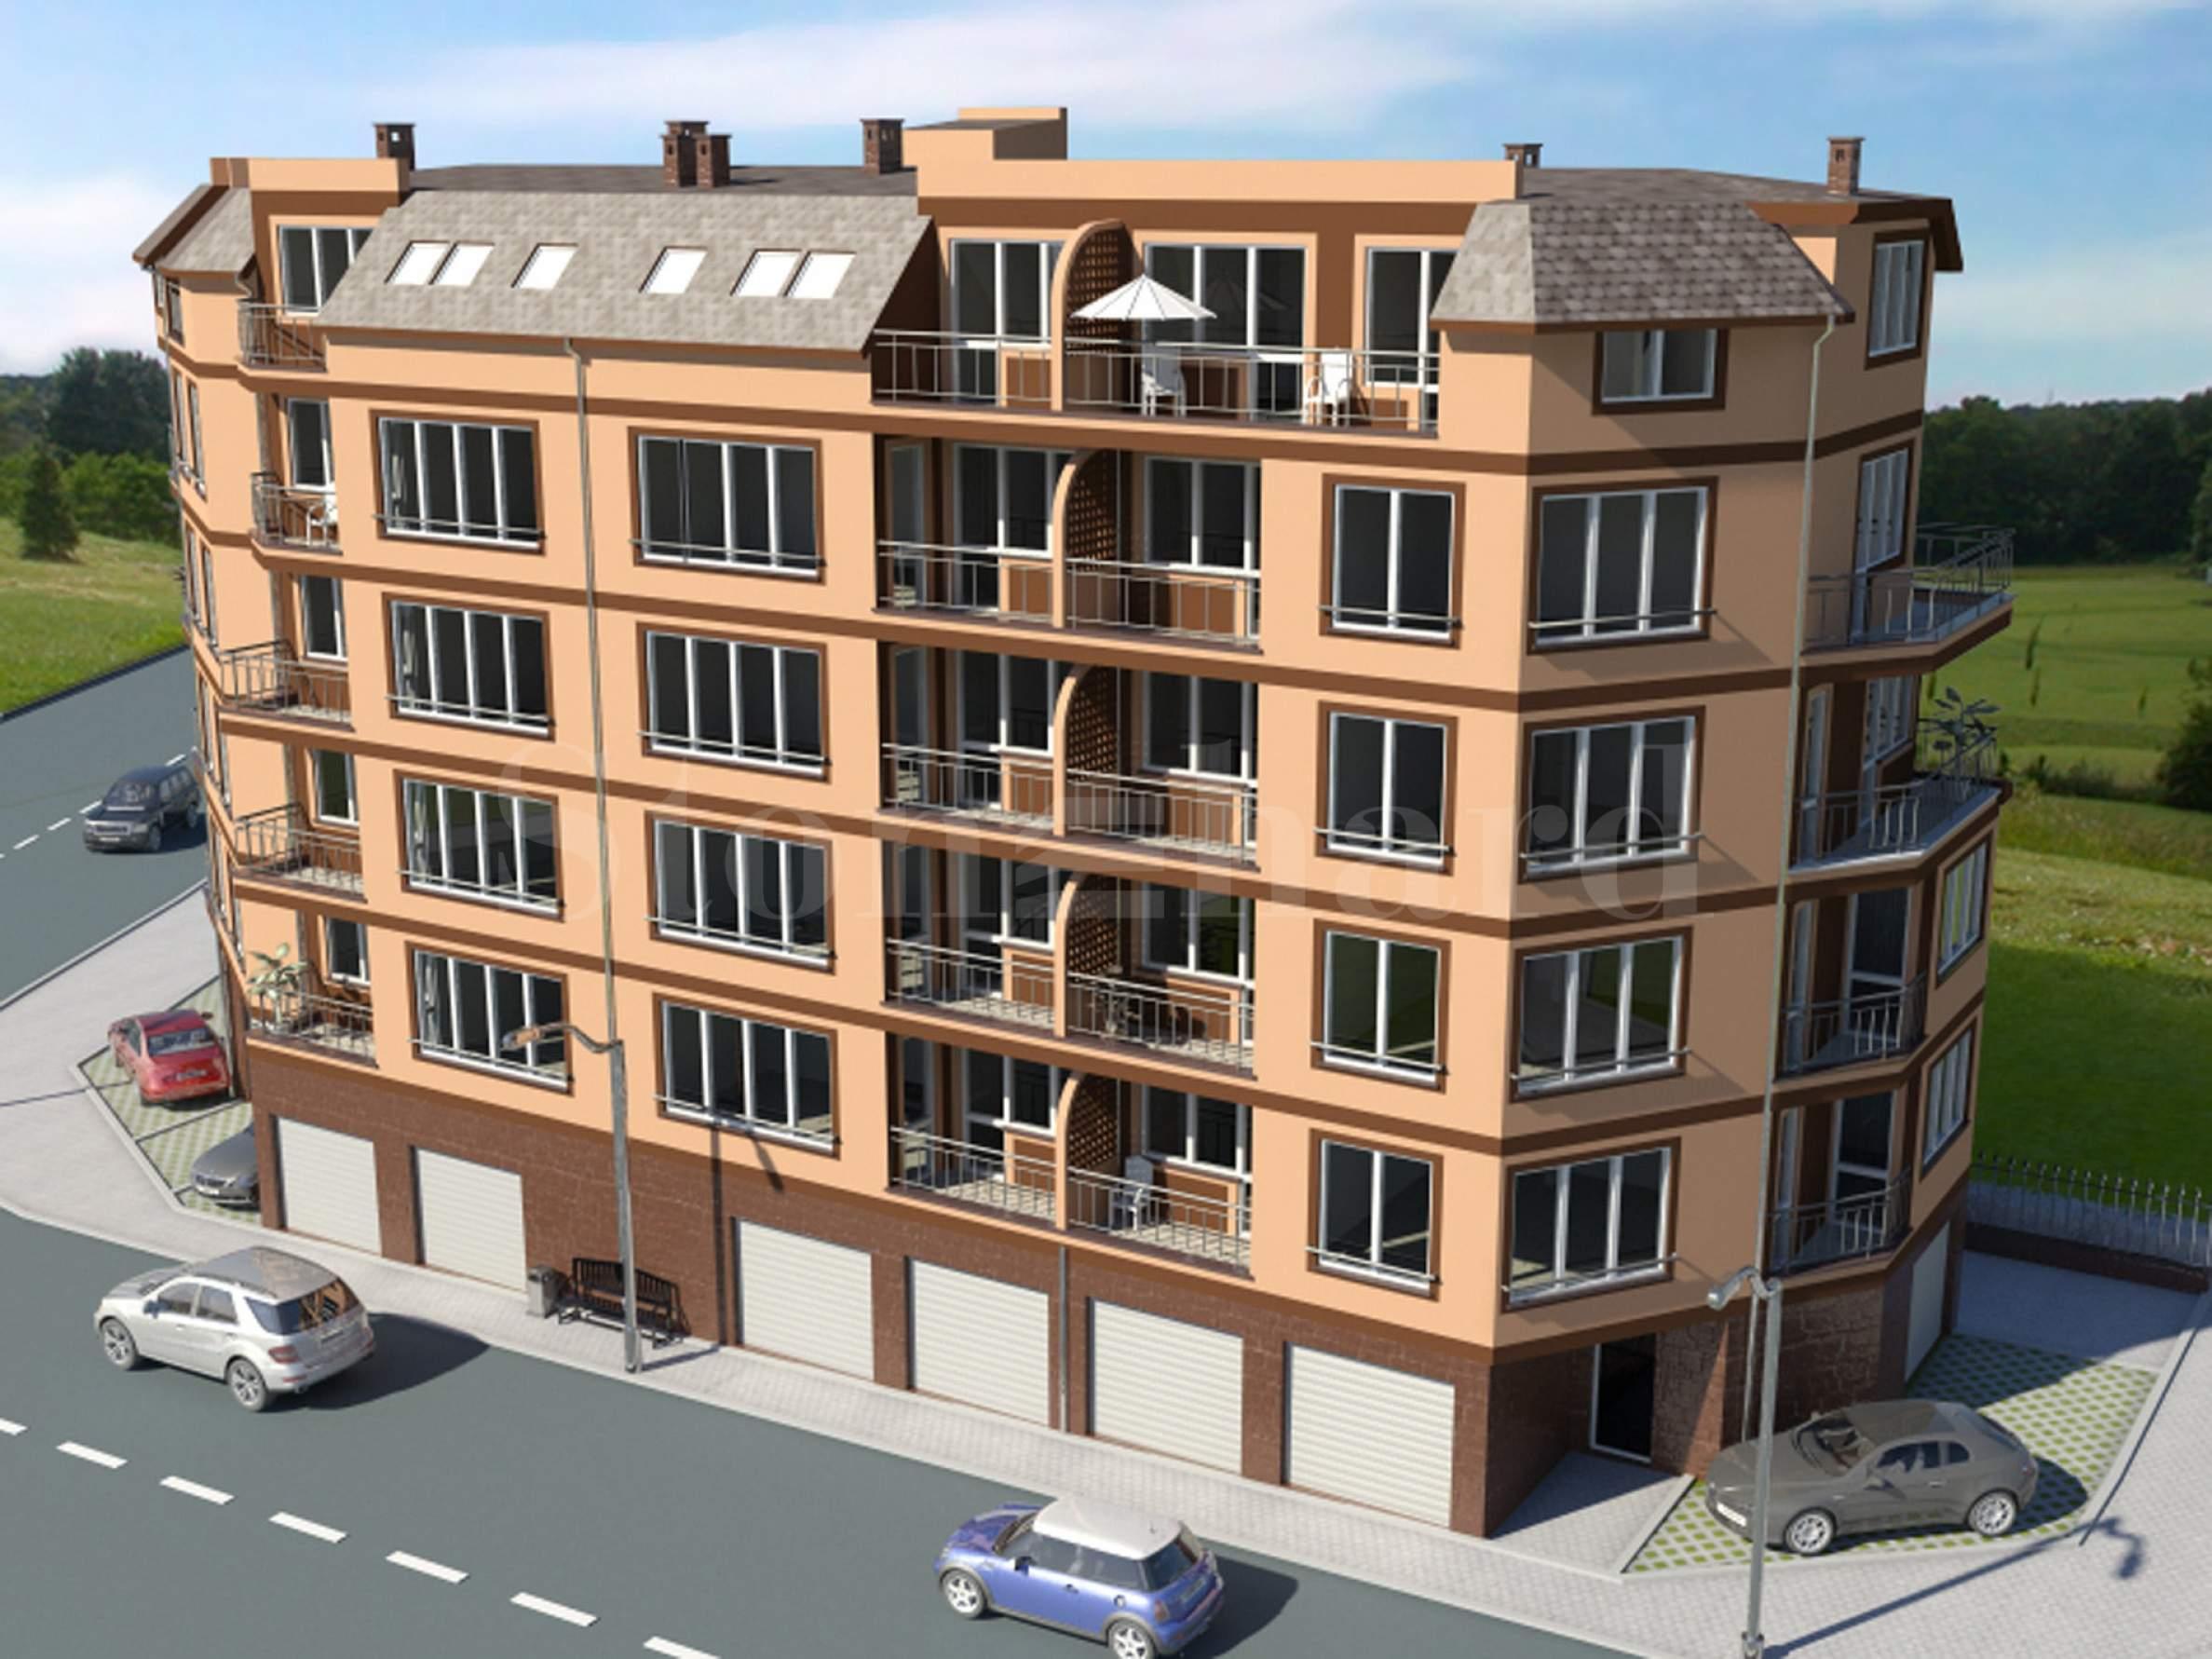 Нови апартаменти в строяща се сграда с гледки към Витоша2 - Stonehard